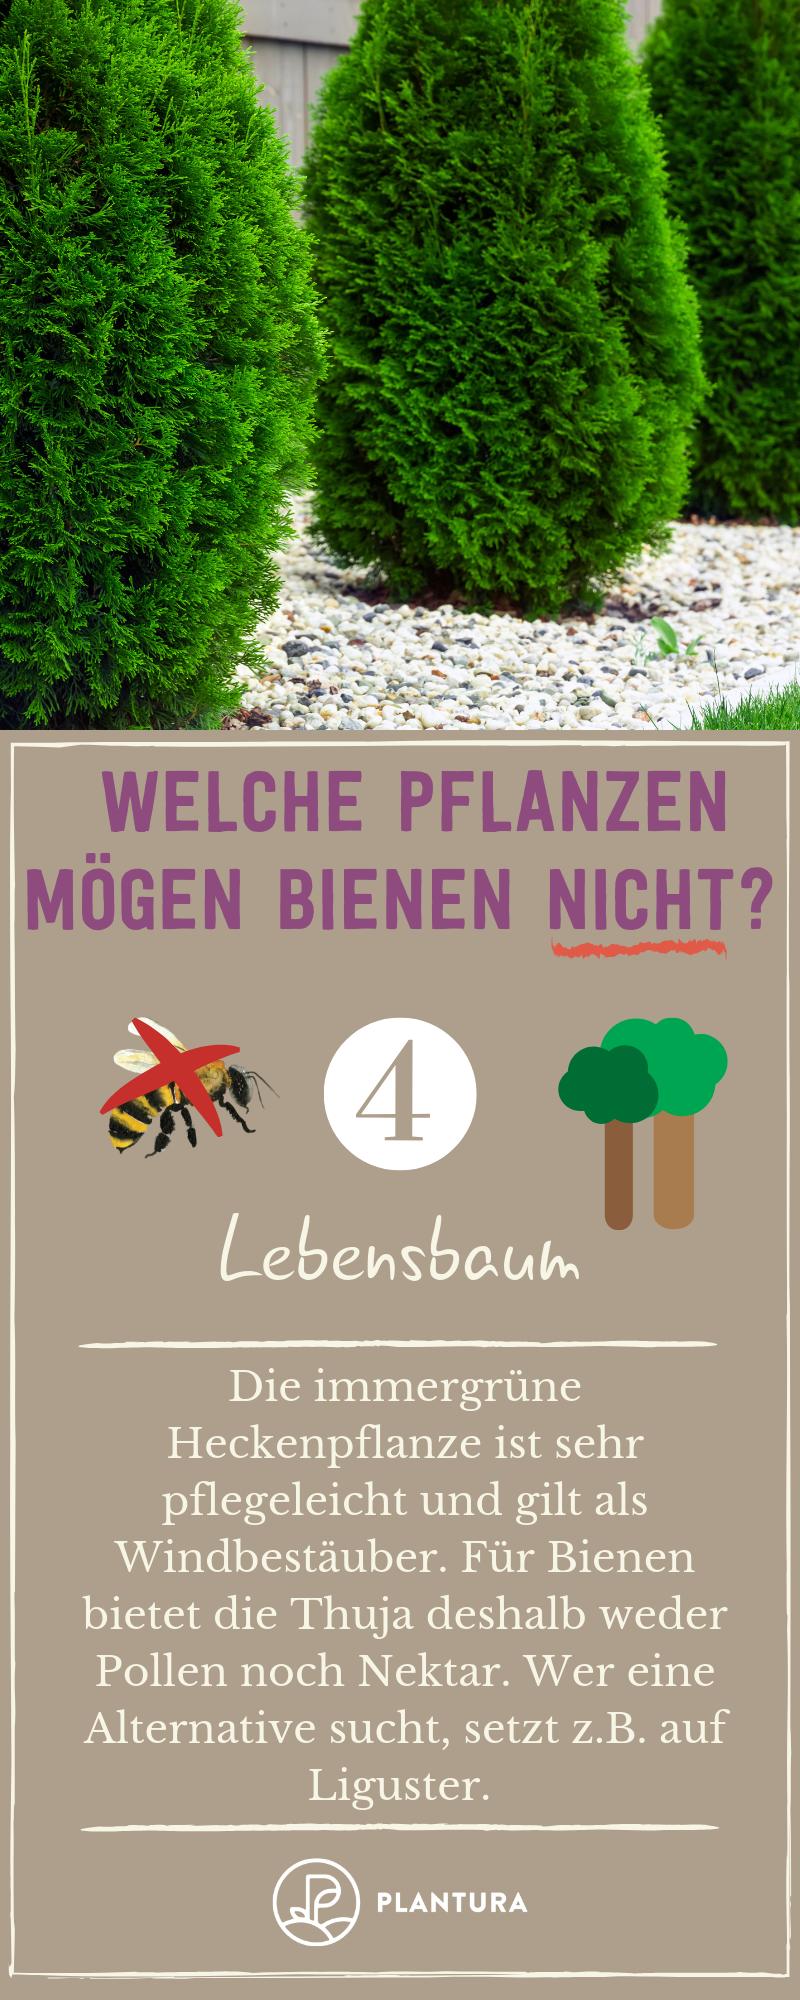 Welche Pflanzen mögen Bienen nicht? - Plantura | Pflanzen ...